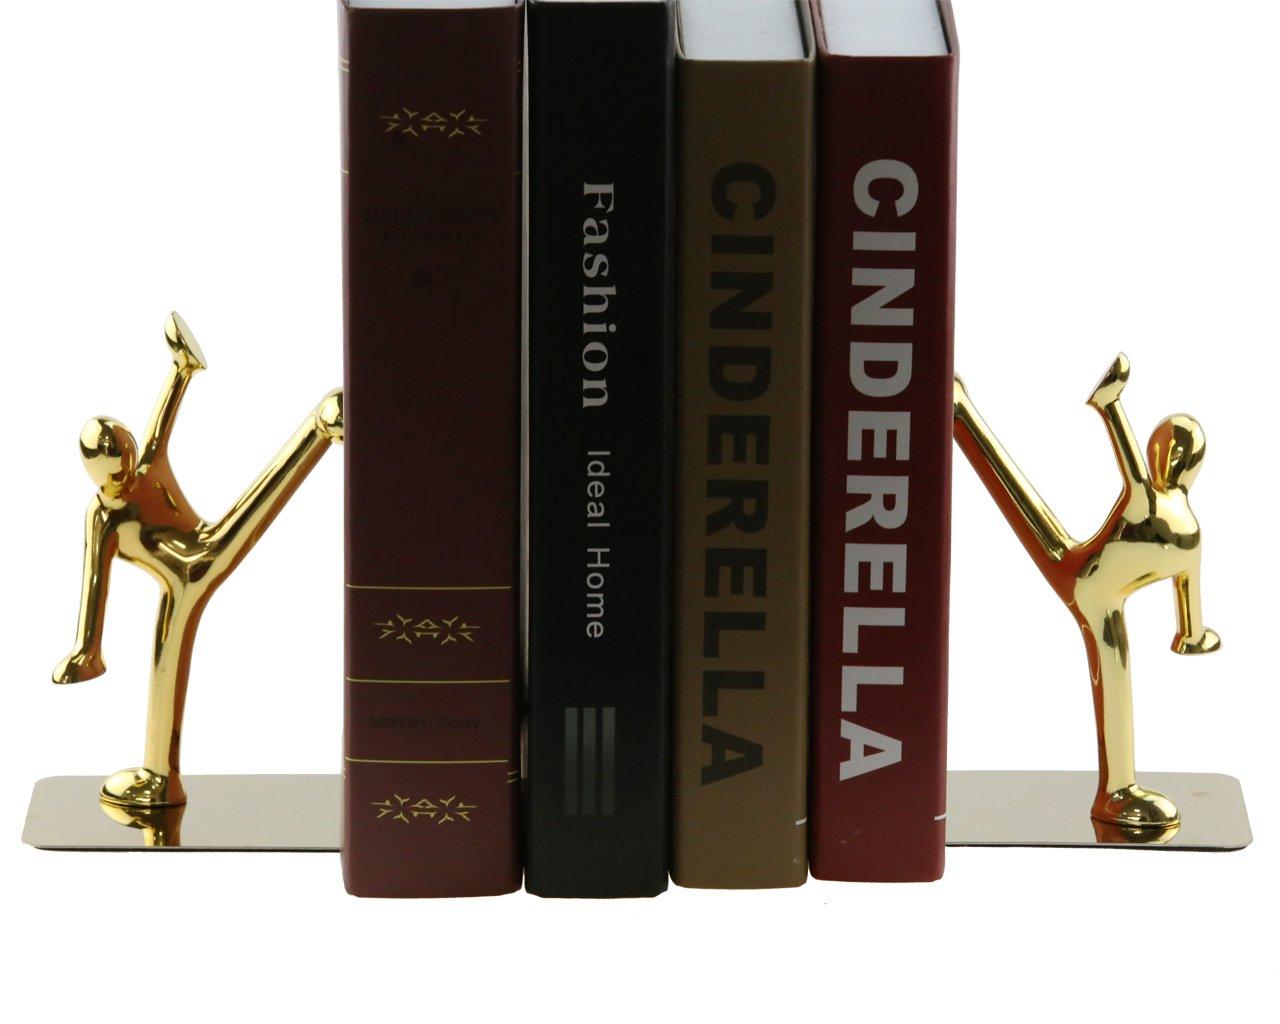 Acier inoxydable Kung Fu Man Serre-livres Heavy Duty serre-livre brillant Serre-livres pour bureau /école Biblioth/èque /à la maison Dor/é